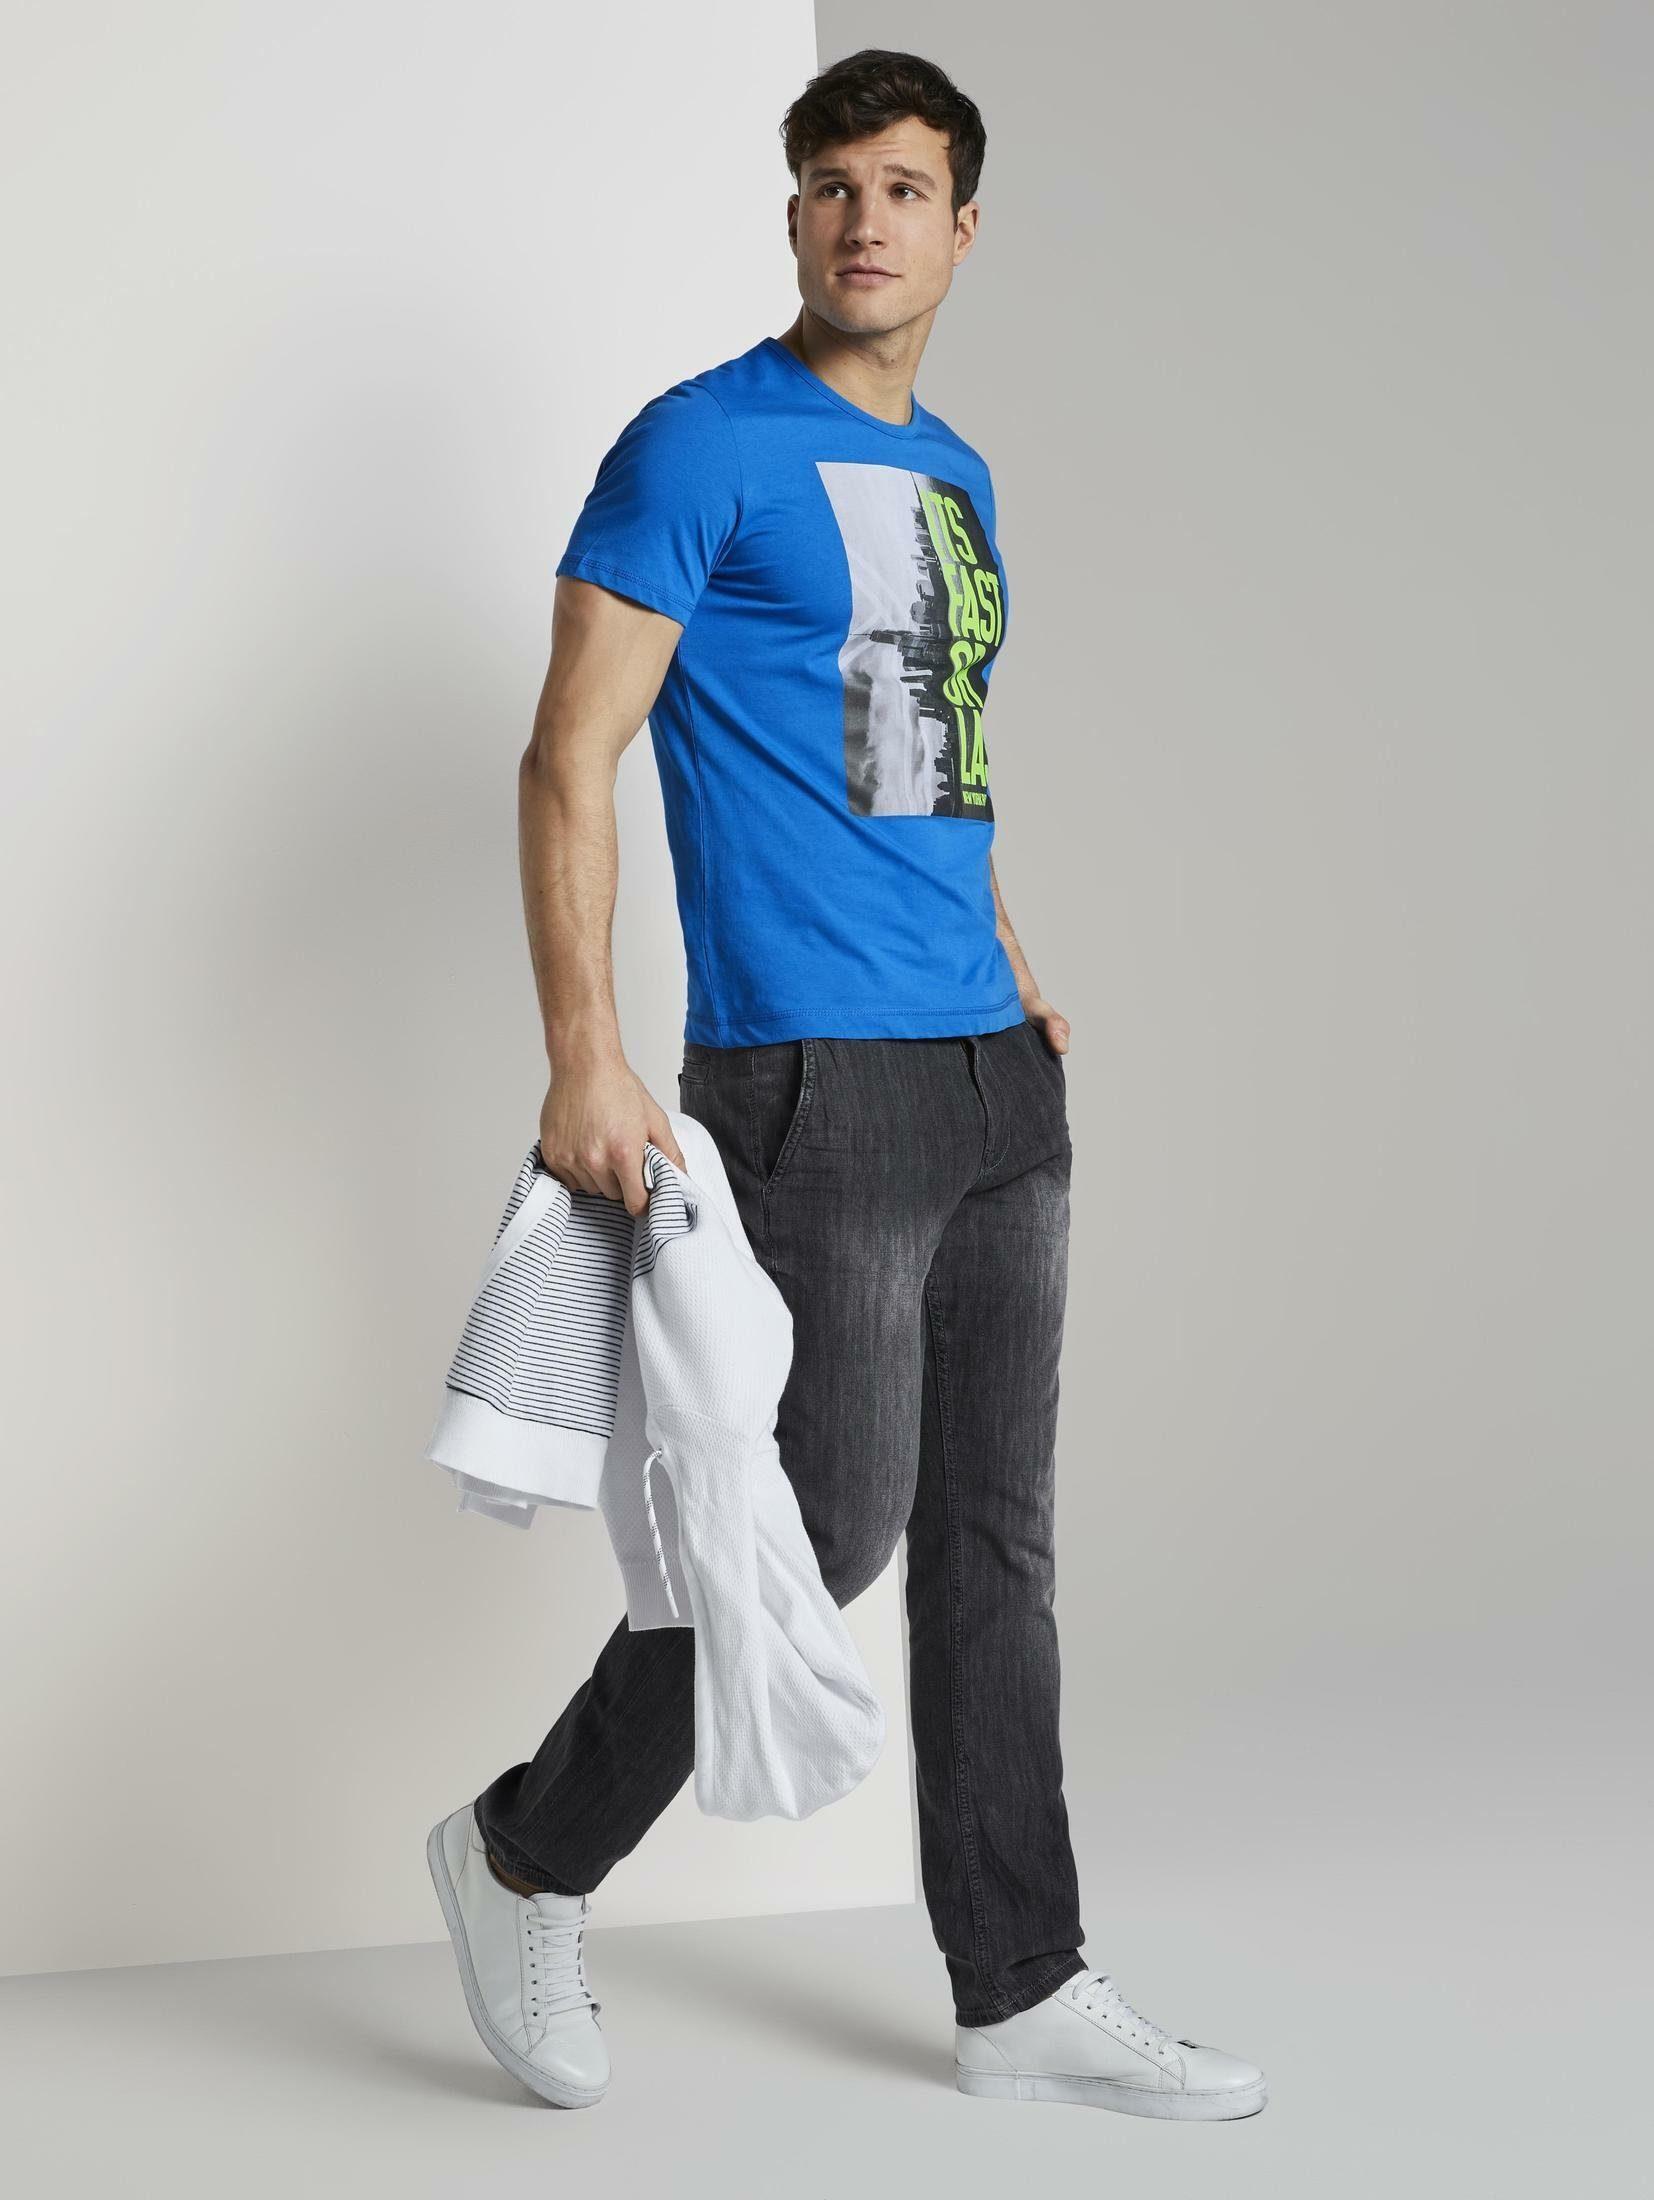 Tom Tailor T-shirt Mit Nyc-print Snel Gevonden - Geweldige Prijs